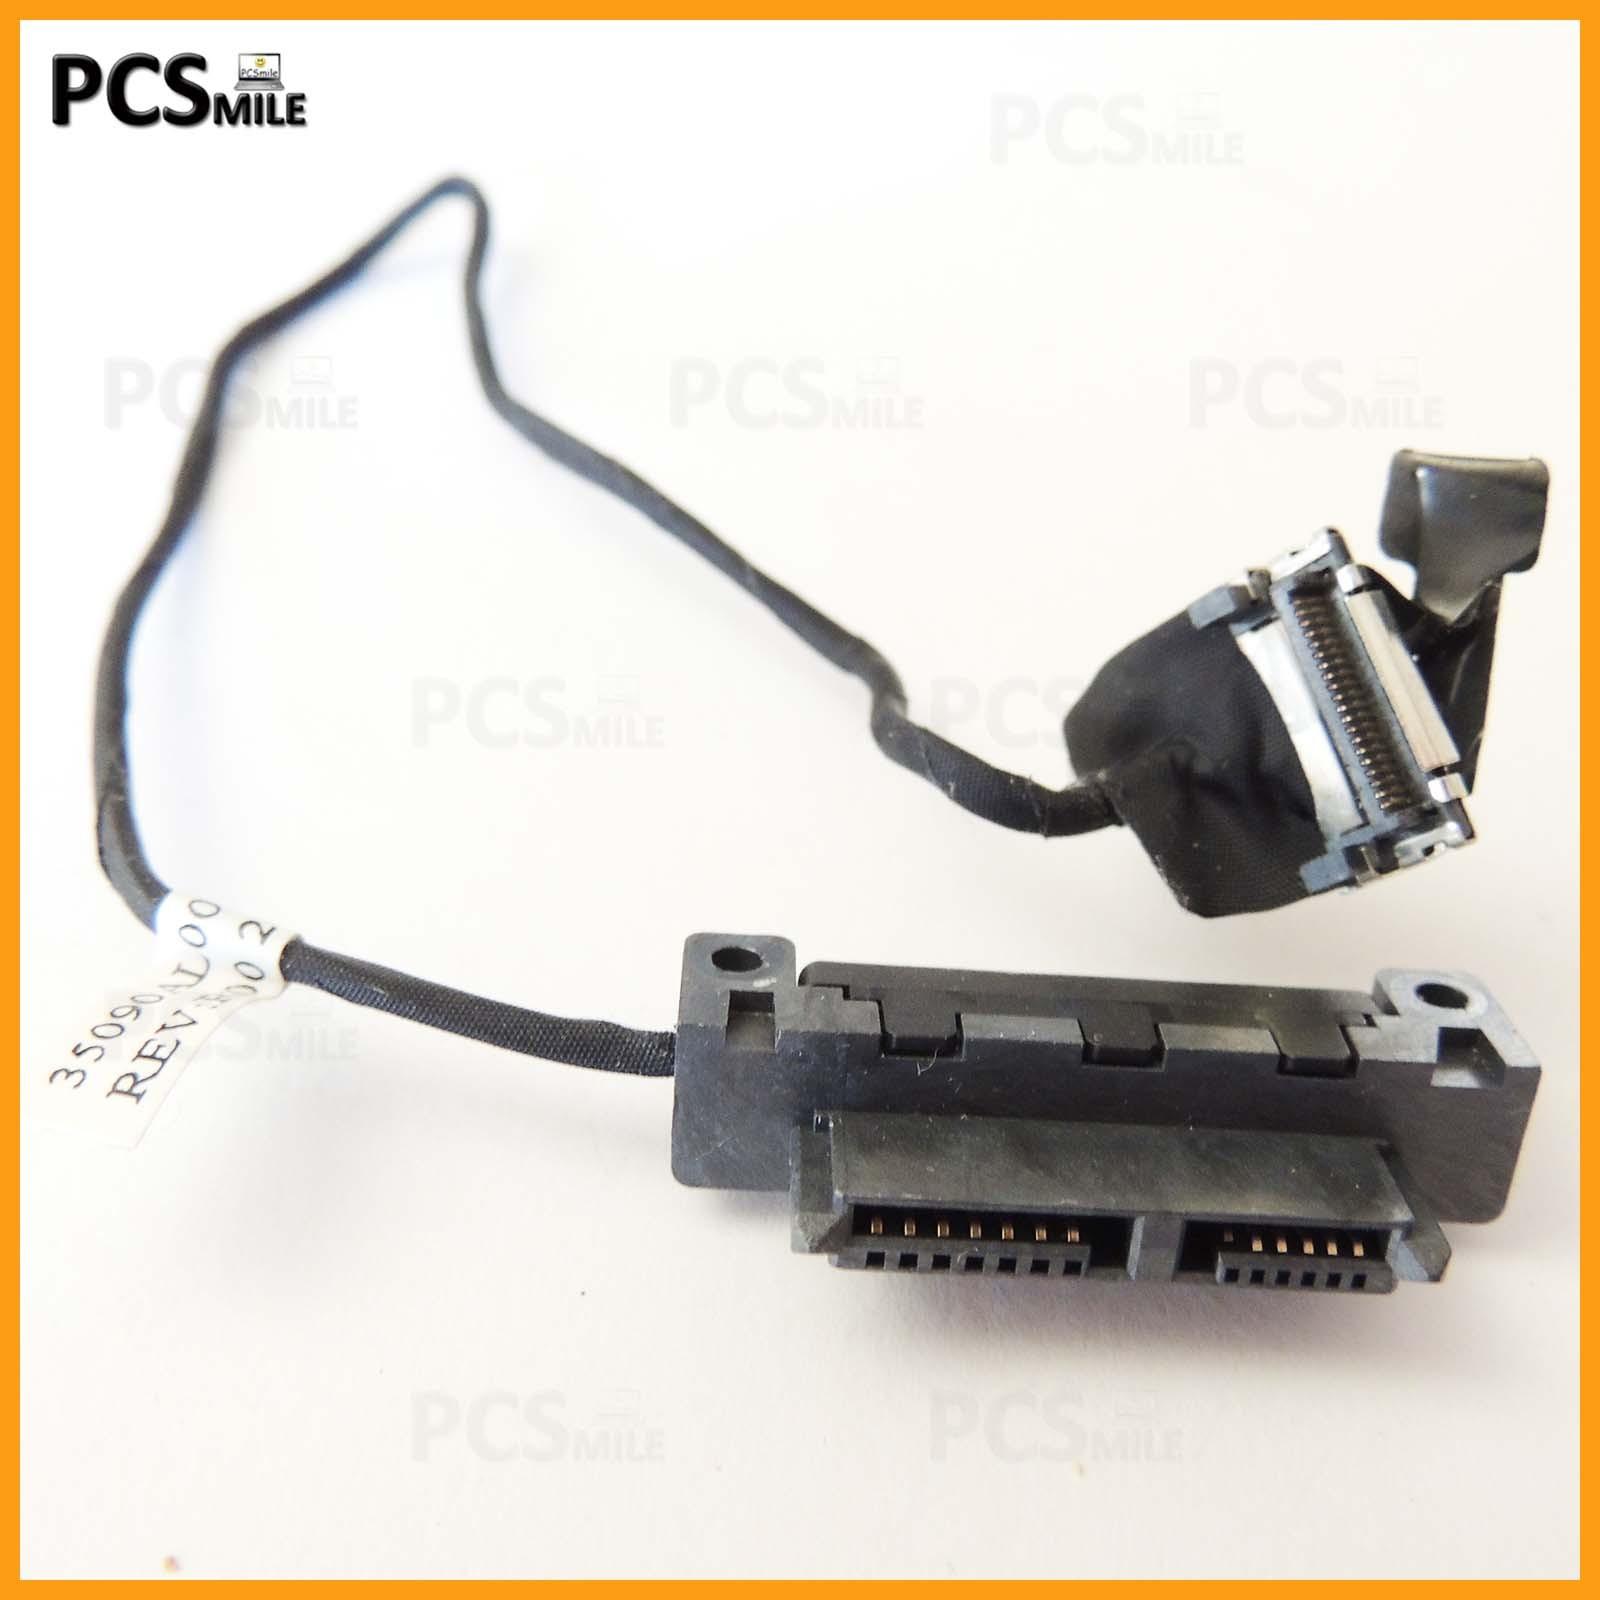 Cavo connettore DVD CD 35090AL00-600-G SATA G62 G56 Compaq Cq62 Cq56